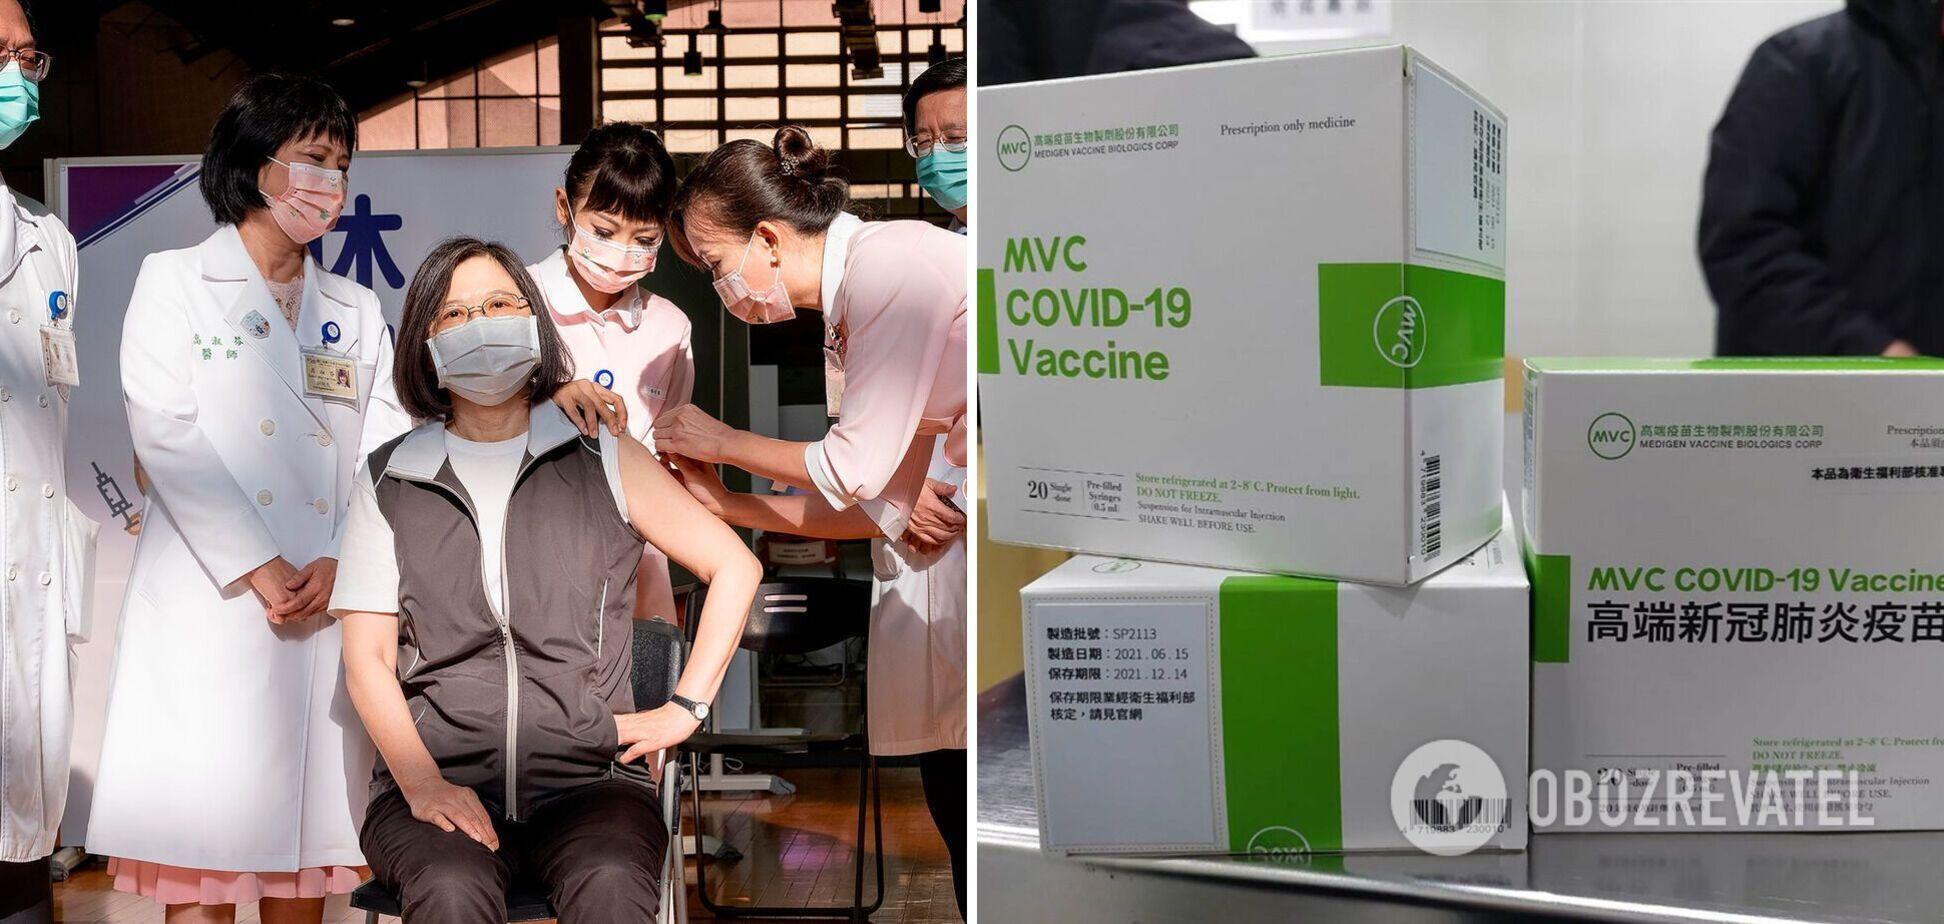 В Тайване начали вакцинировать против COVID-19 препаратом собственного производства